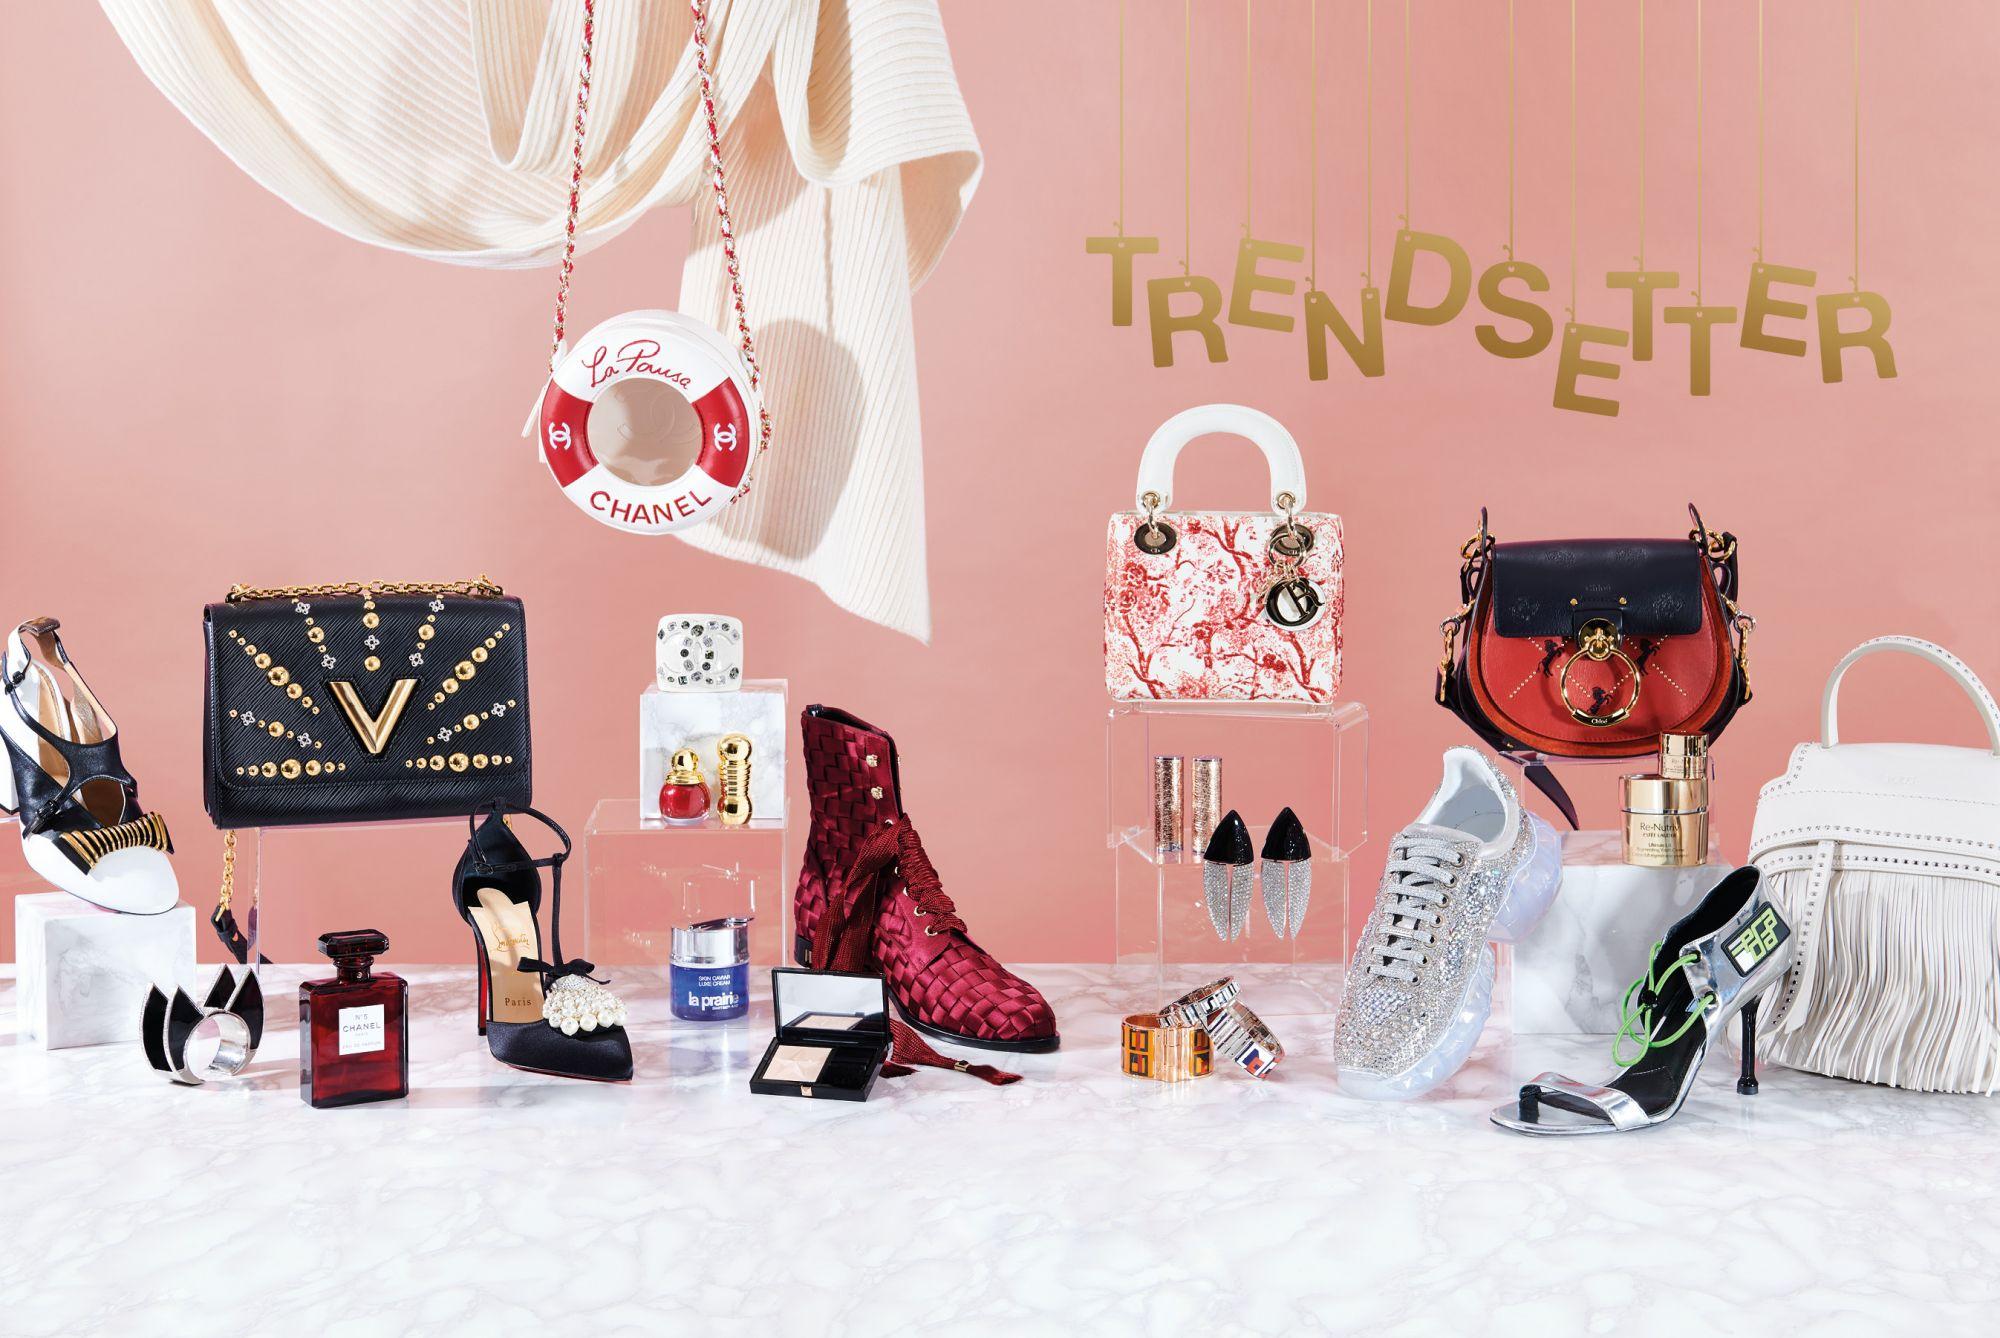 20 Sparkling Gift Ideas For Trendsetters